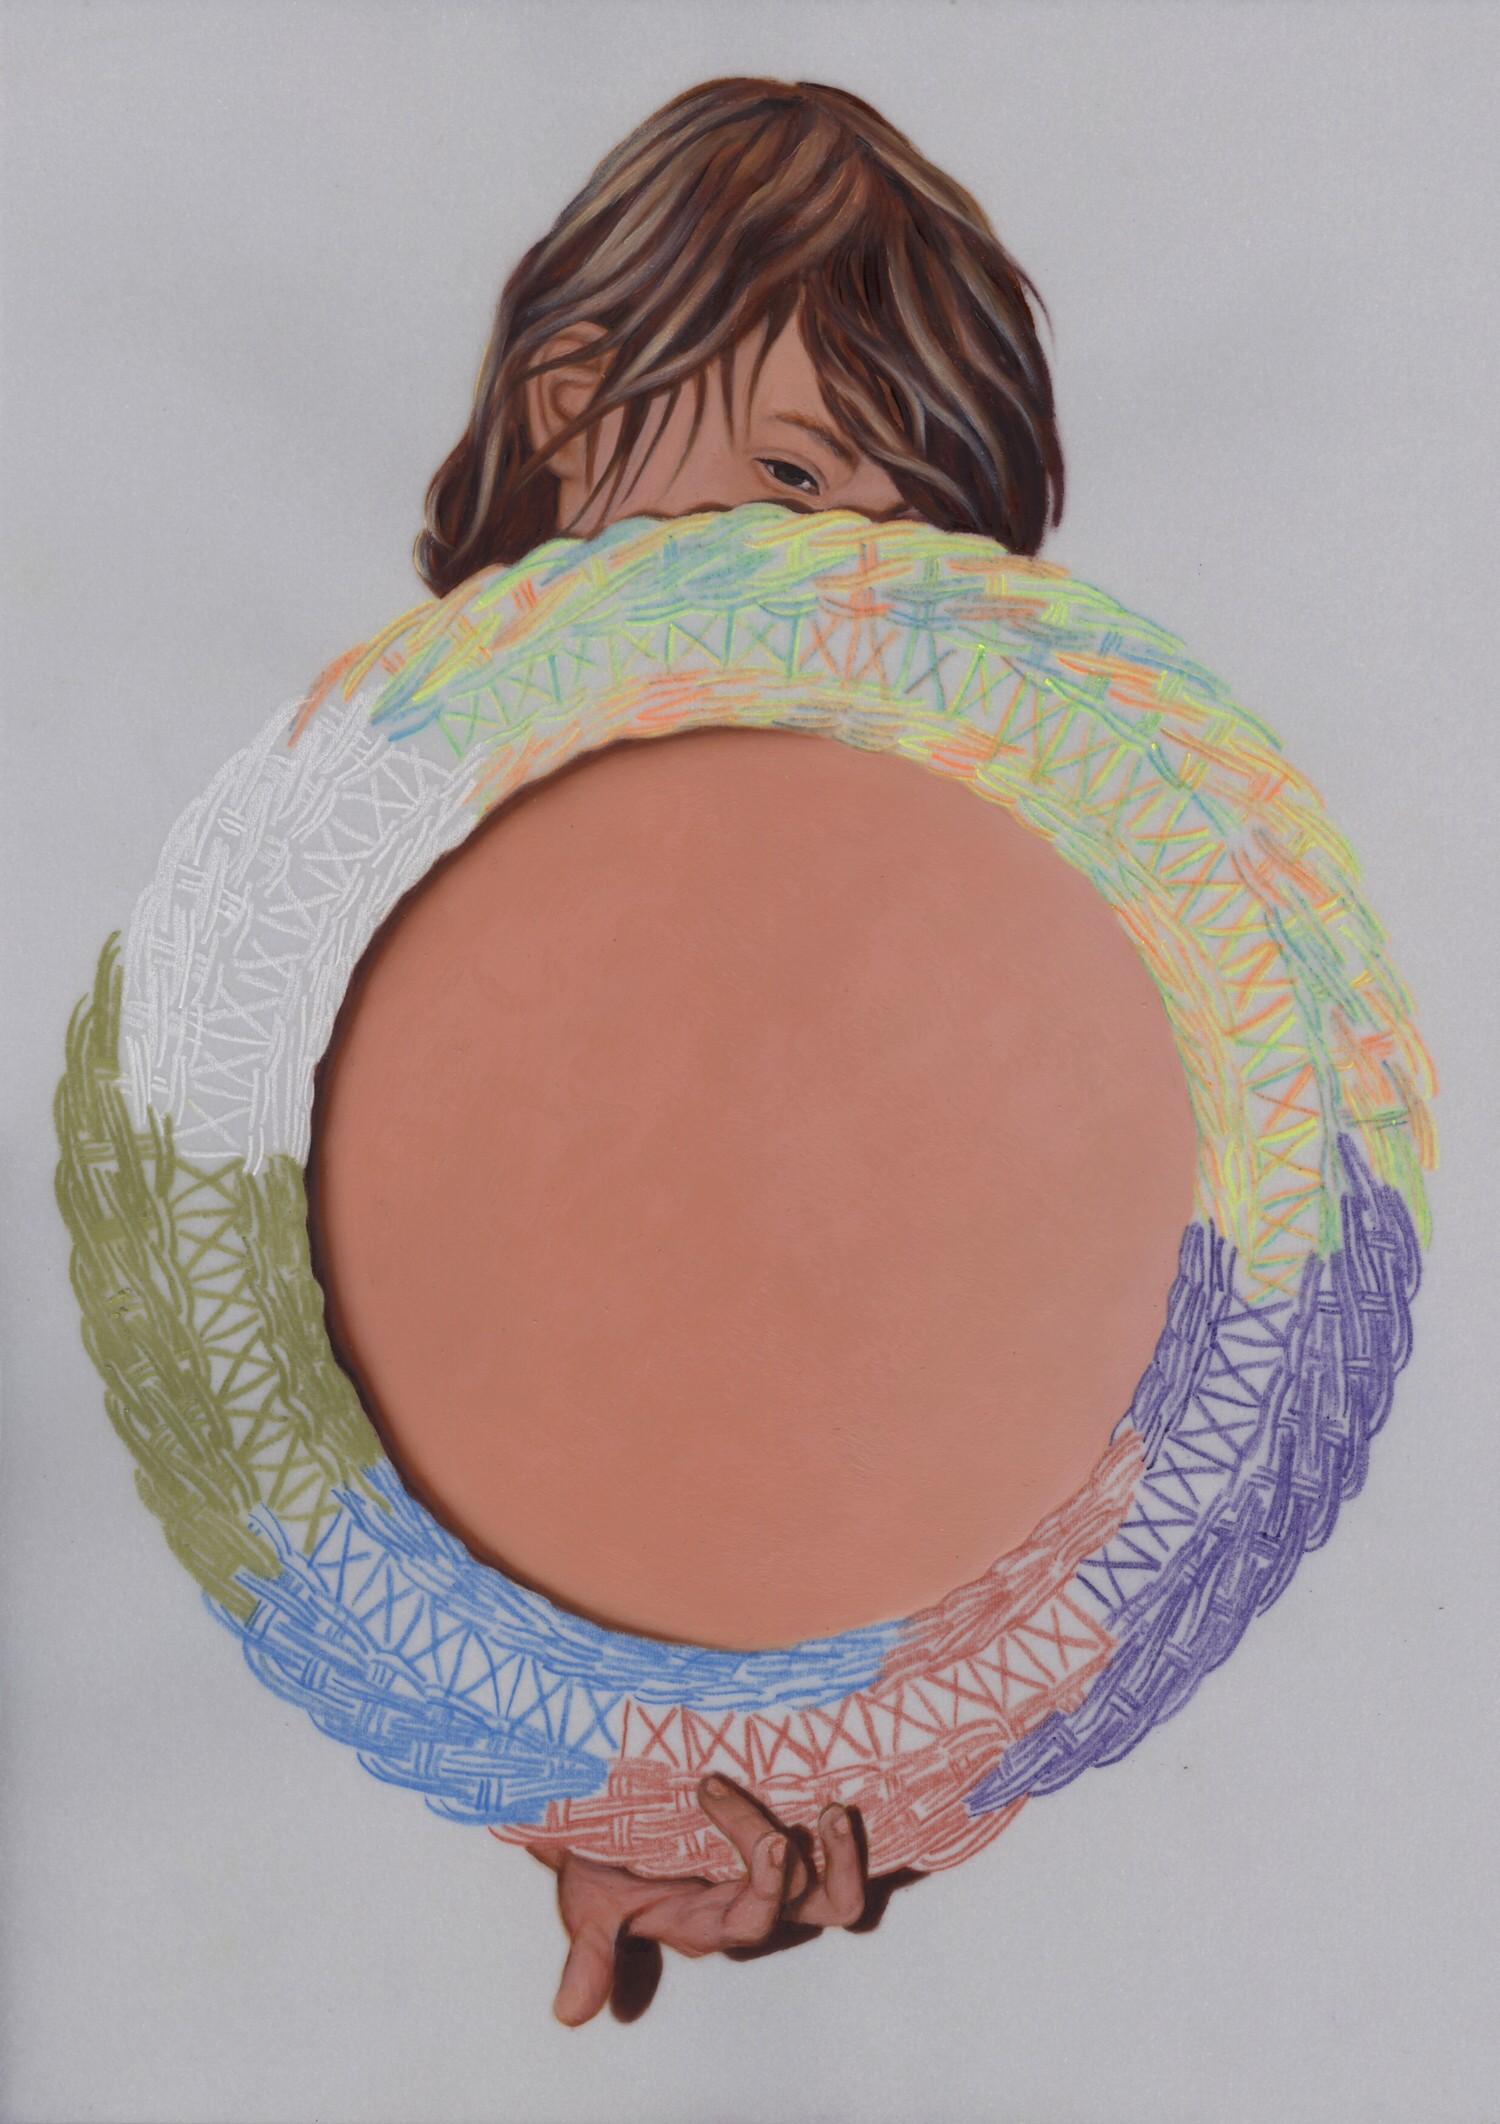 Vellum 27#2013, 29,7 x 21 cm, Öl auf Transparentpapier